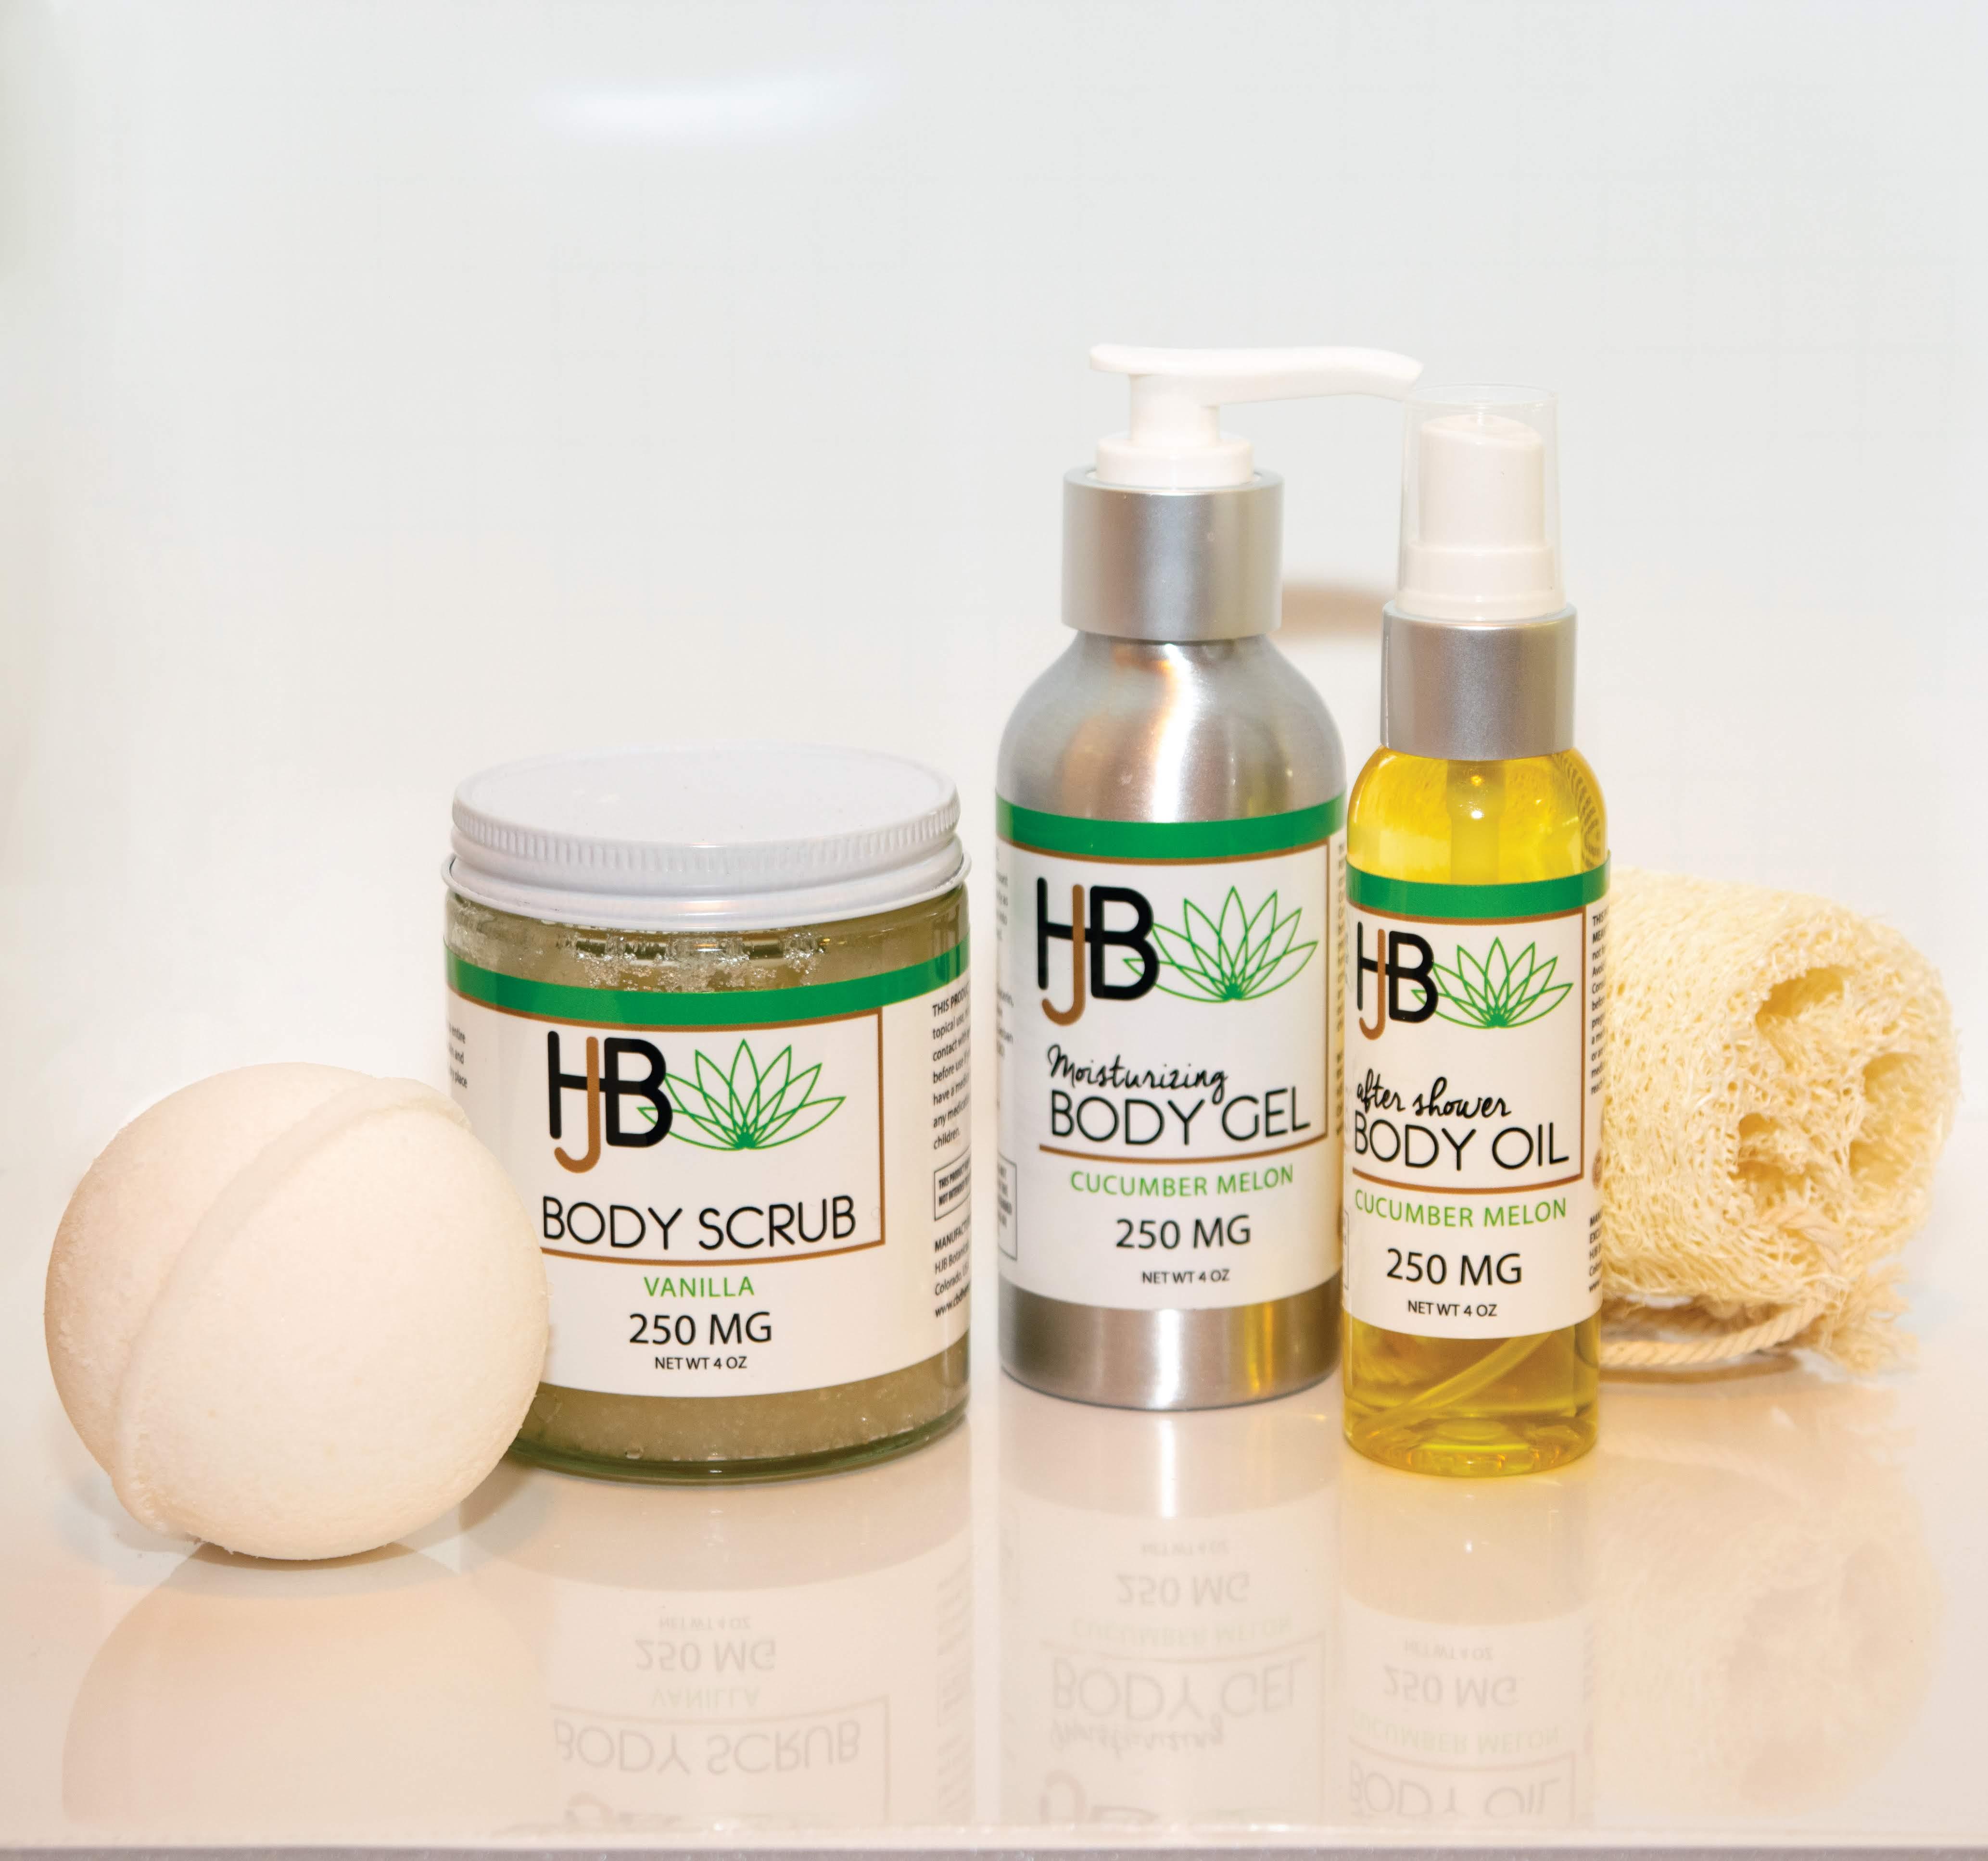 HJB Cucumber Melon Body Oil